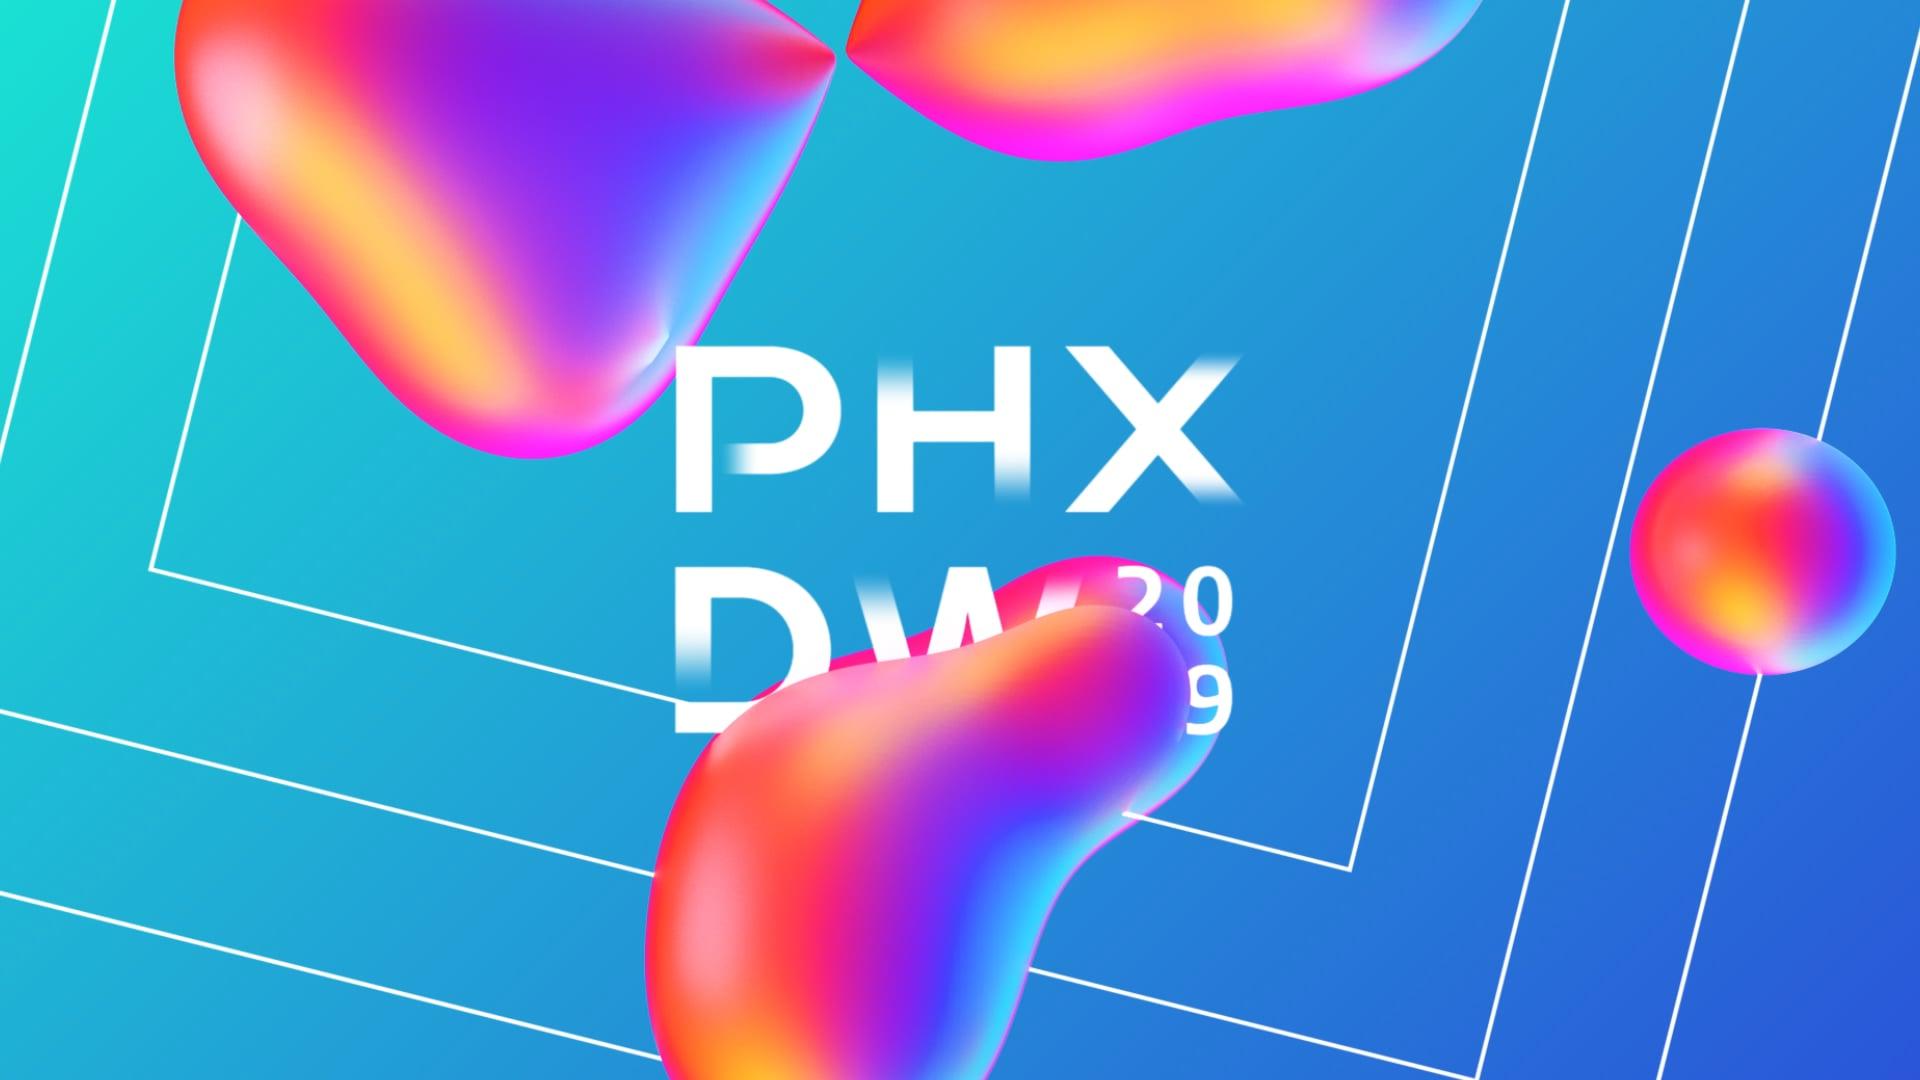 PHXDW Blobs